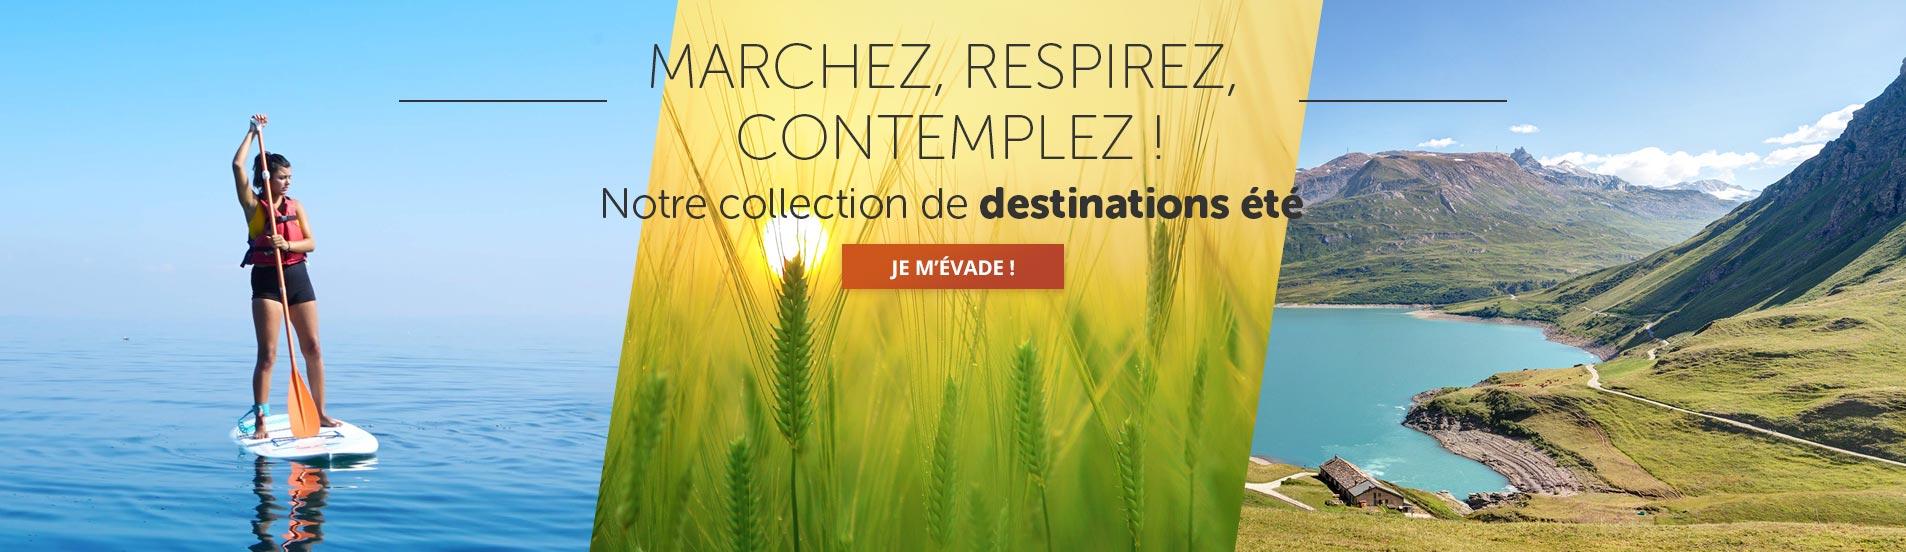 (c) Vvf-villages.fr